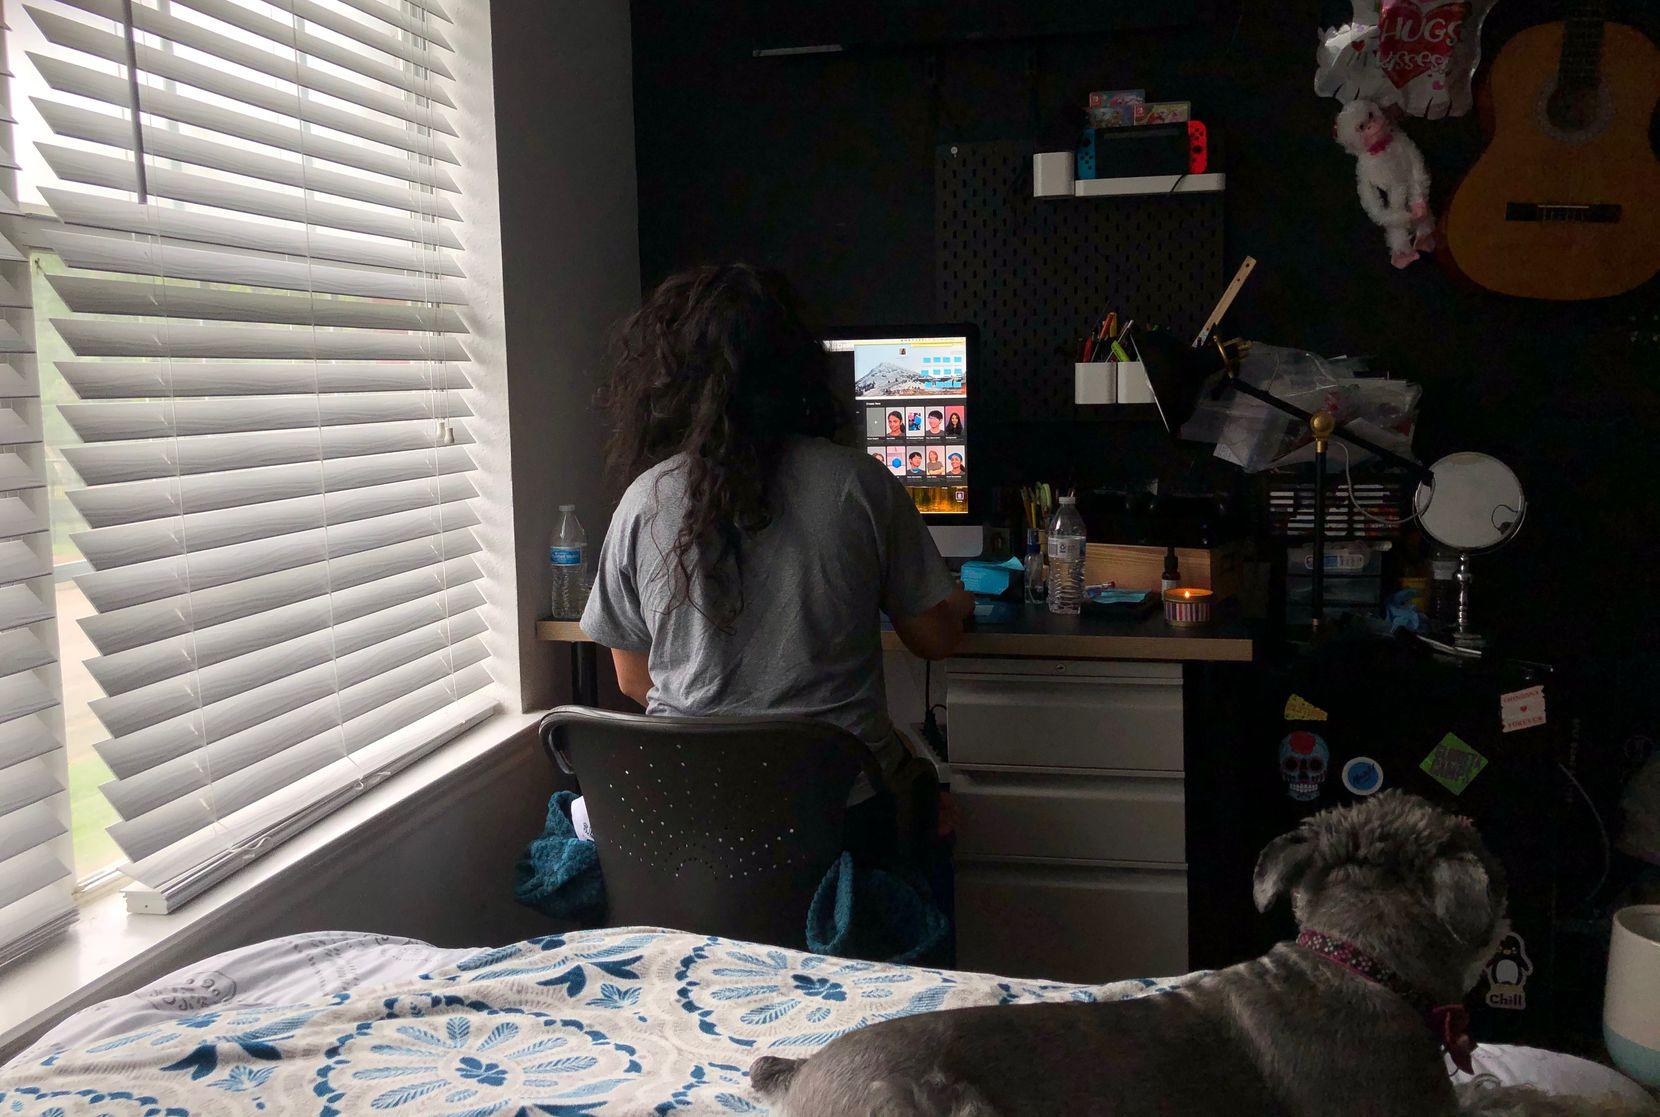 Elva Chávez, residente de Dallas de 25 años, nunca ha usado su escritorio en su habitación para trabajar hasta ahora por la pandemia del coronavirus.